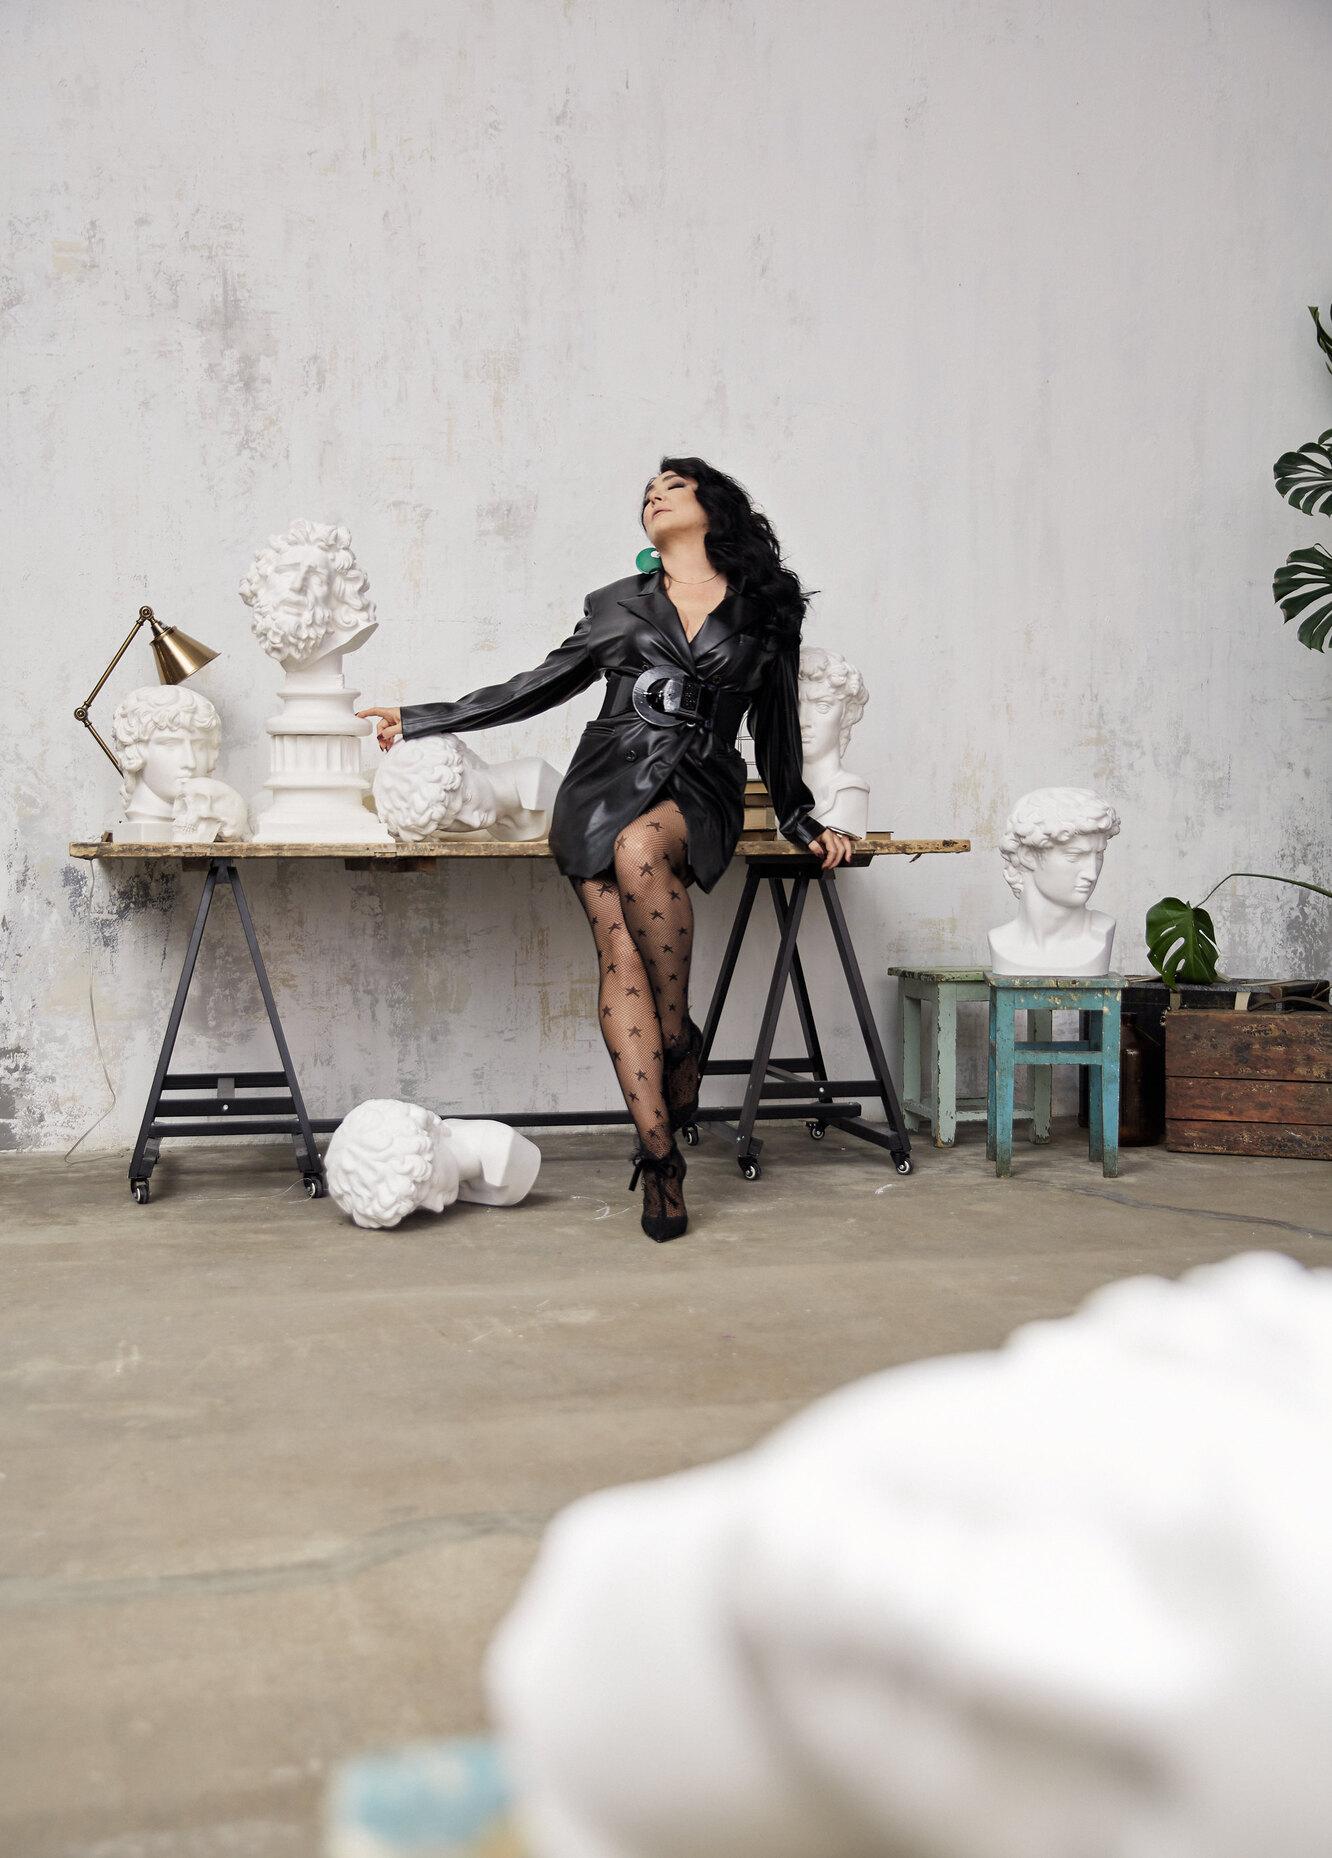 Жакет ARTEM KRIVDA; ремень IGOR GULYAEV; колготки Incanto; туфли Jimmy Choo